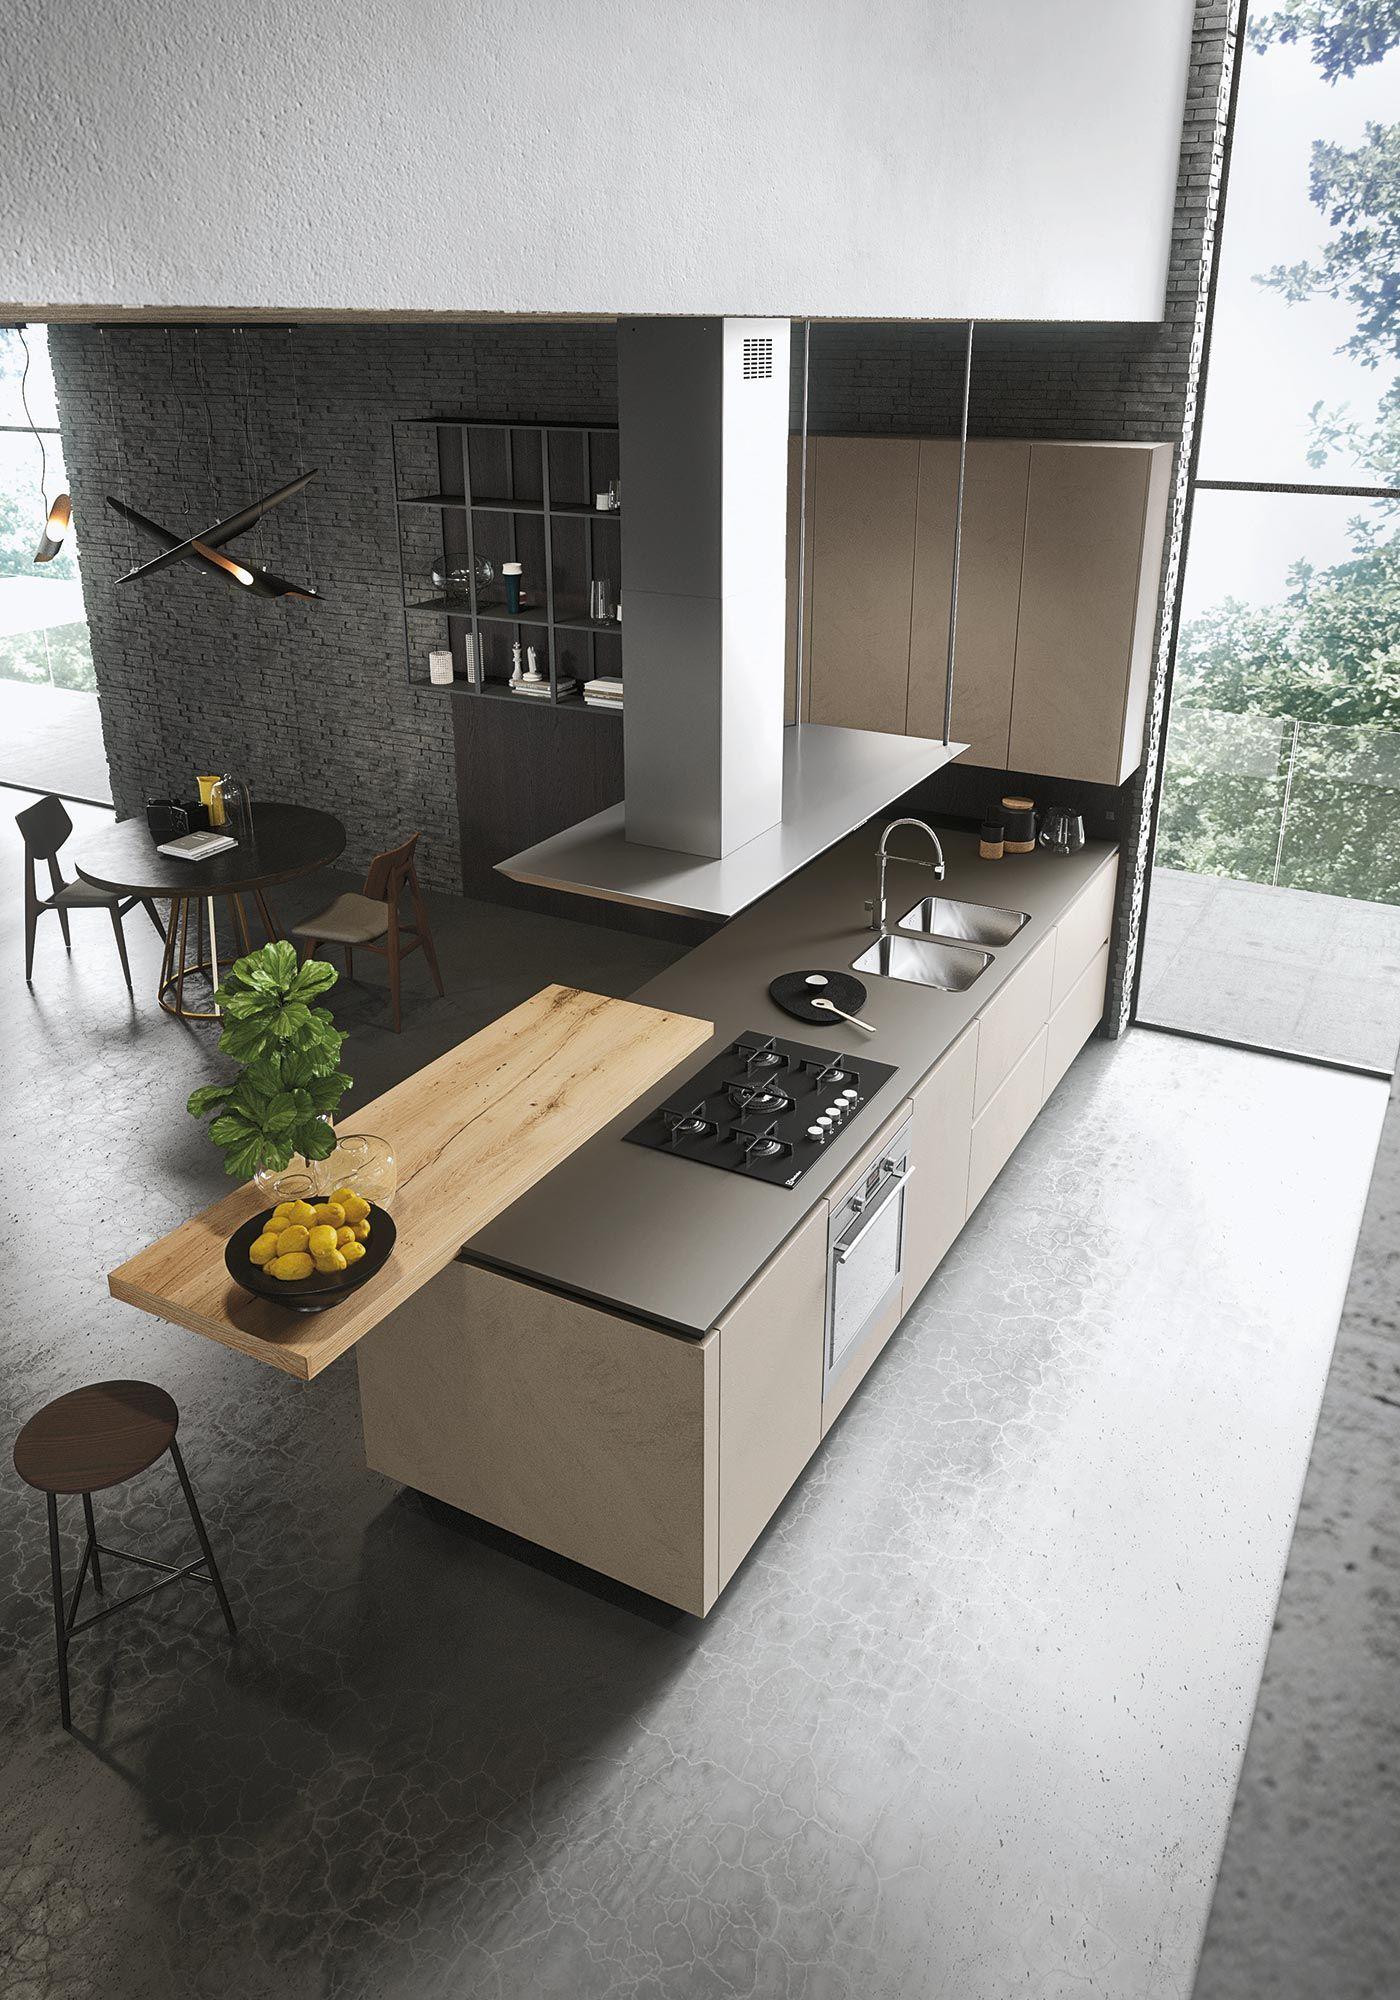 Look cucina in legno collezione sistema by snaidero design michele marcon - Cucine a penisola ...